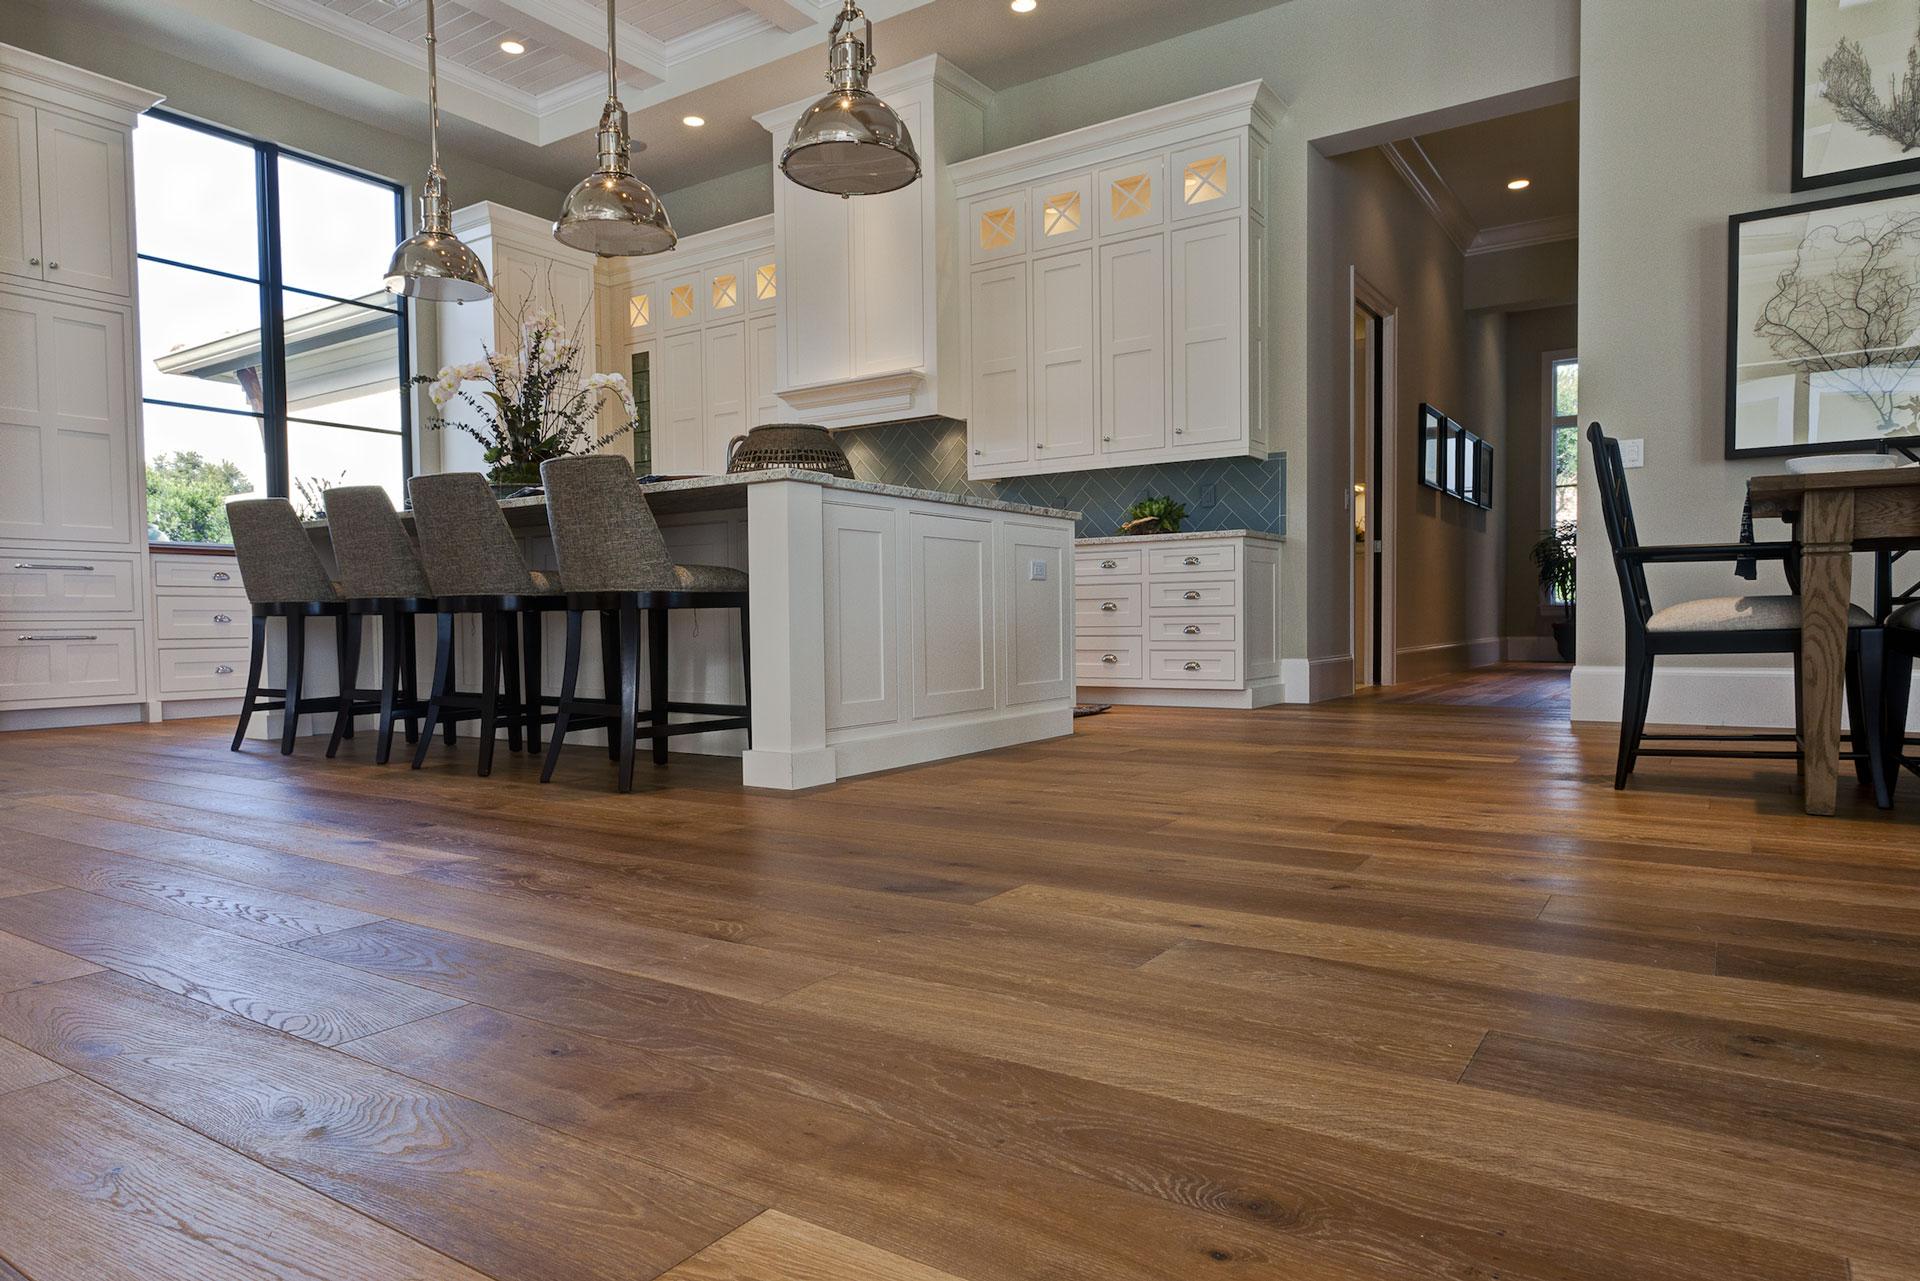 American Heritage Flooring  Cochrans Lumber